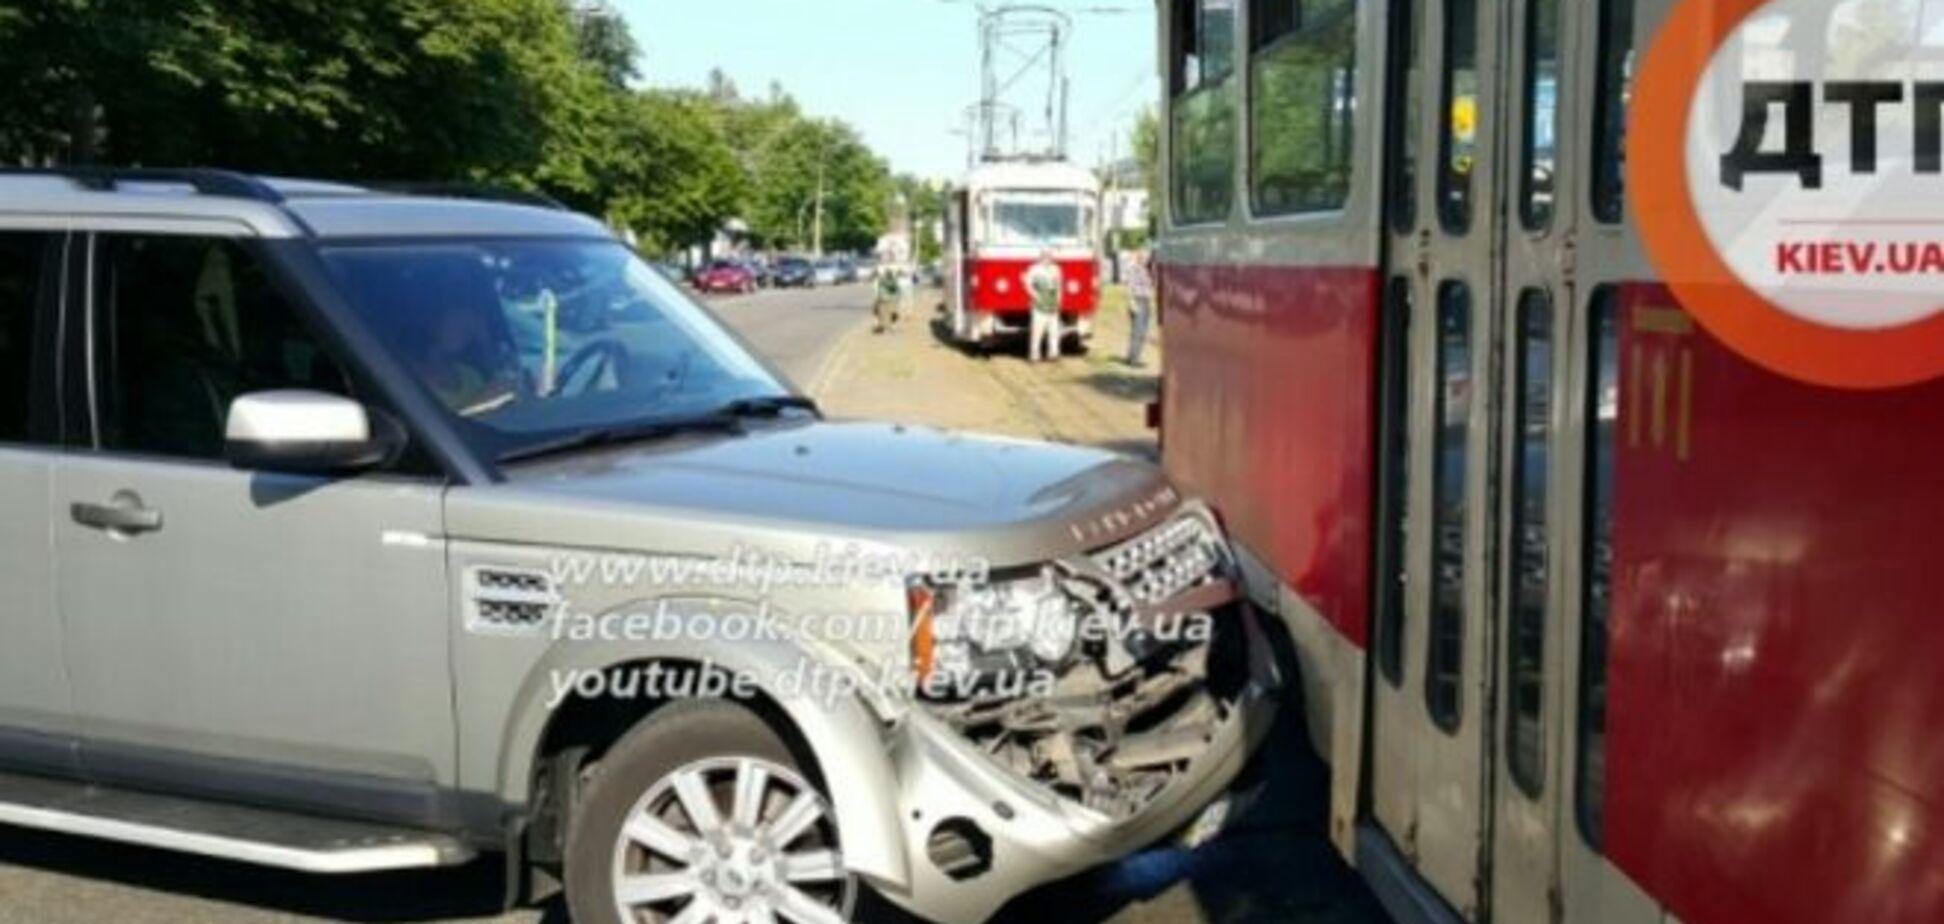 Не заметила! В Киеве дамочка на элитном авто протаранила трамвай: фото с места ДТП